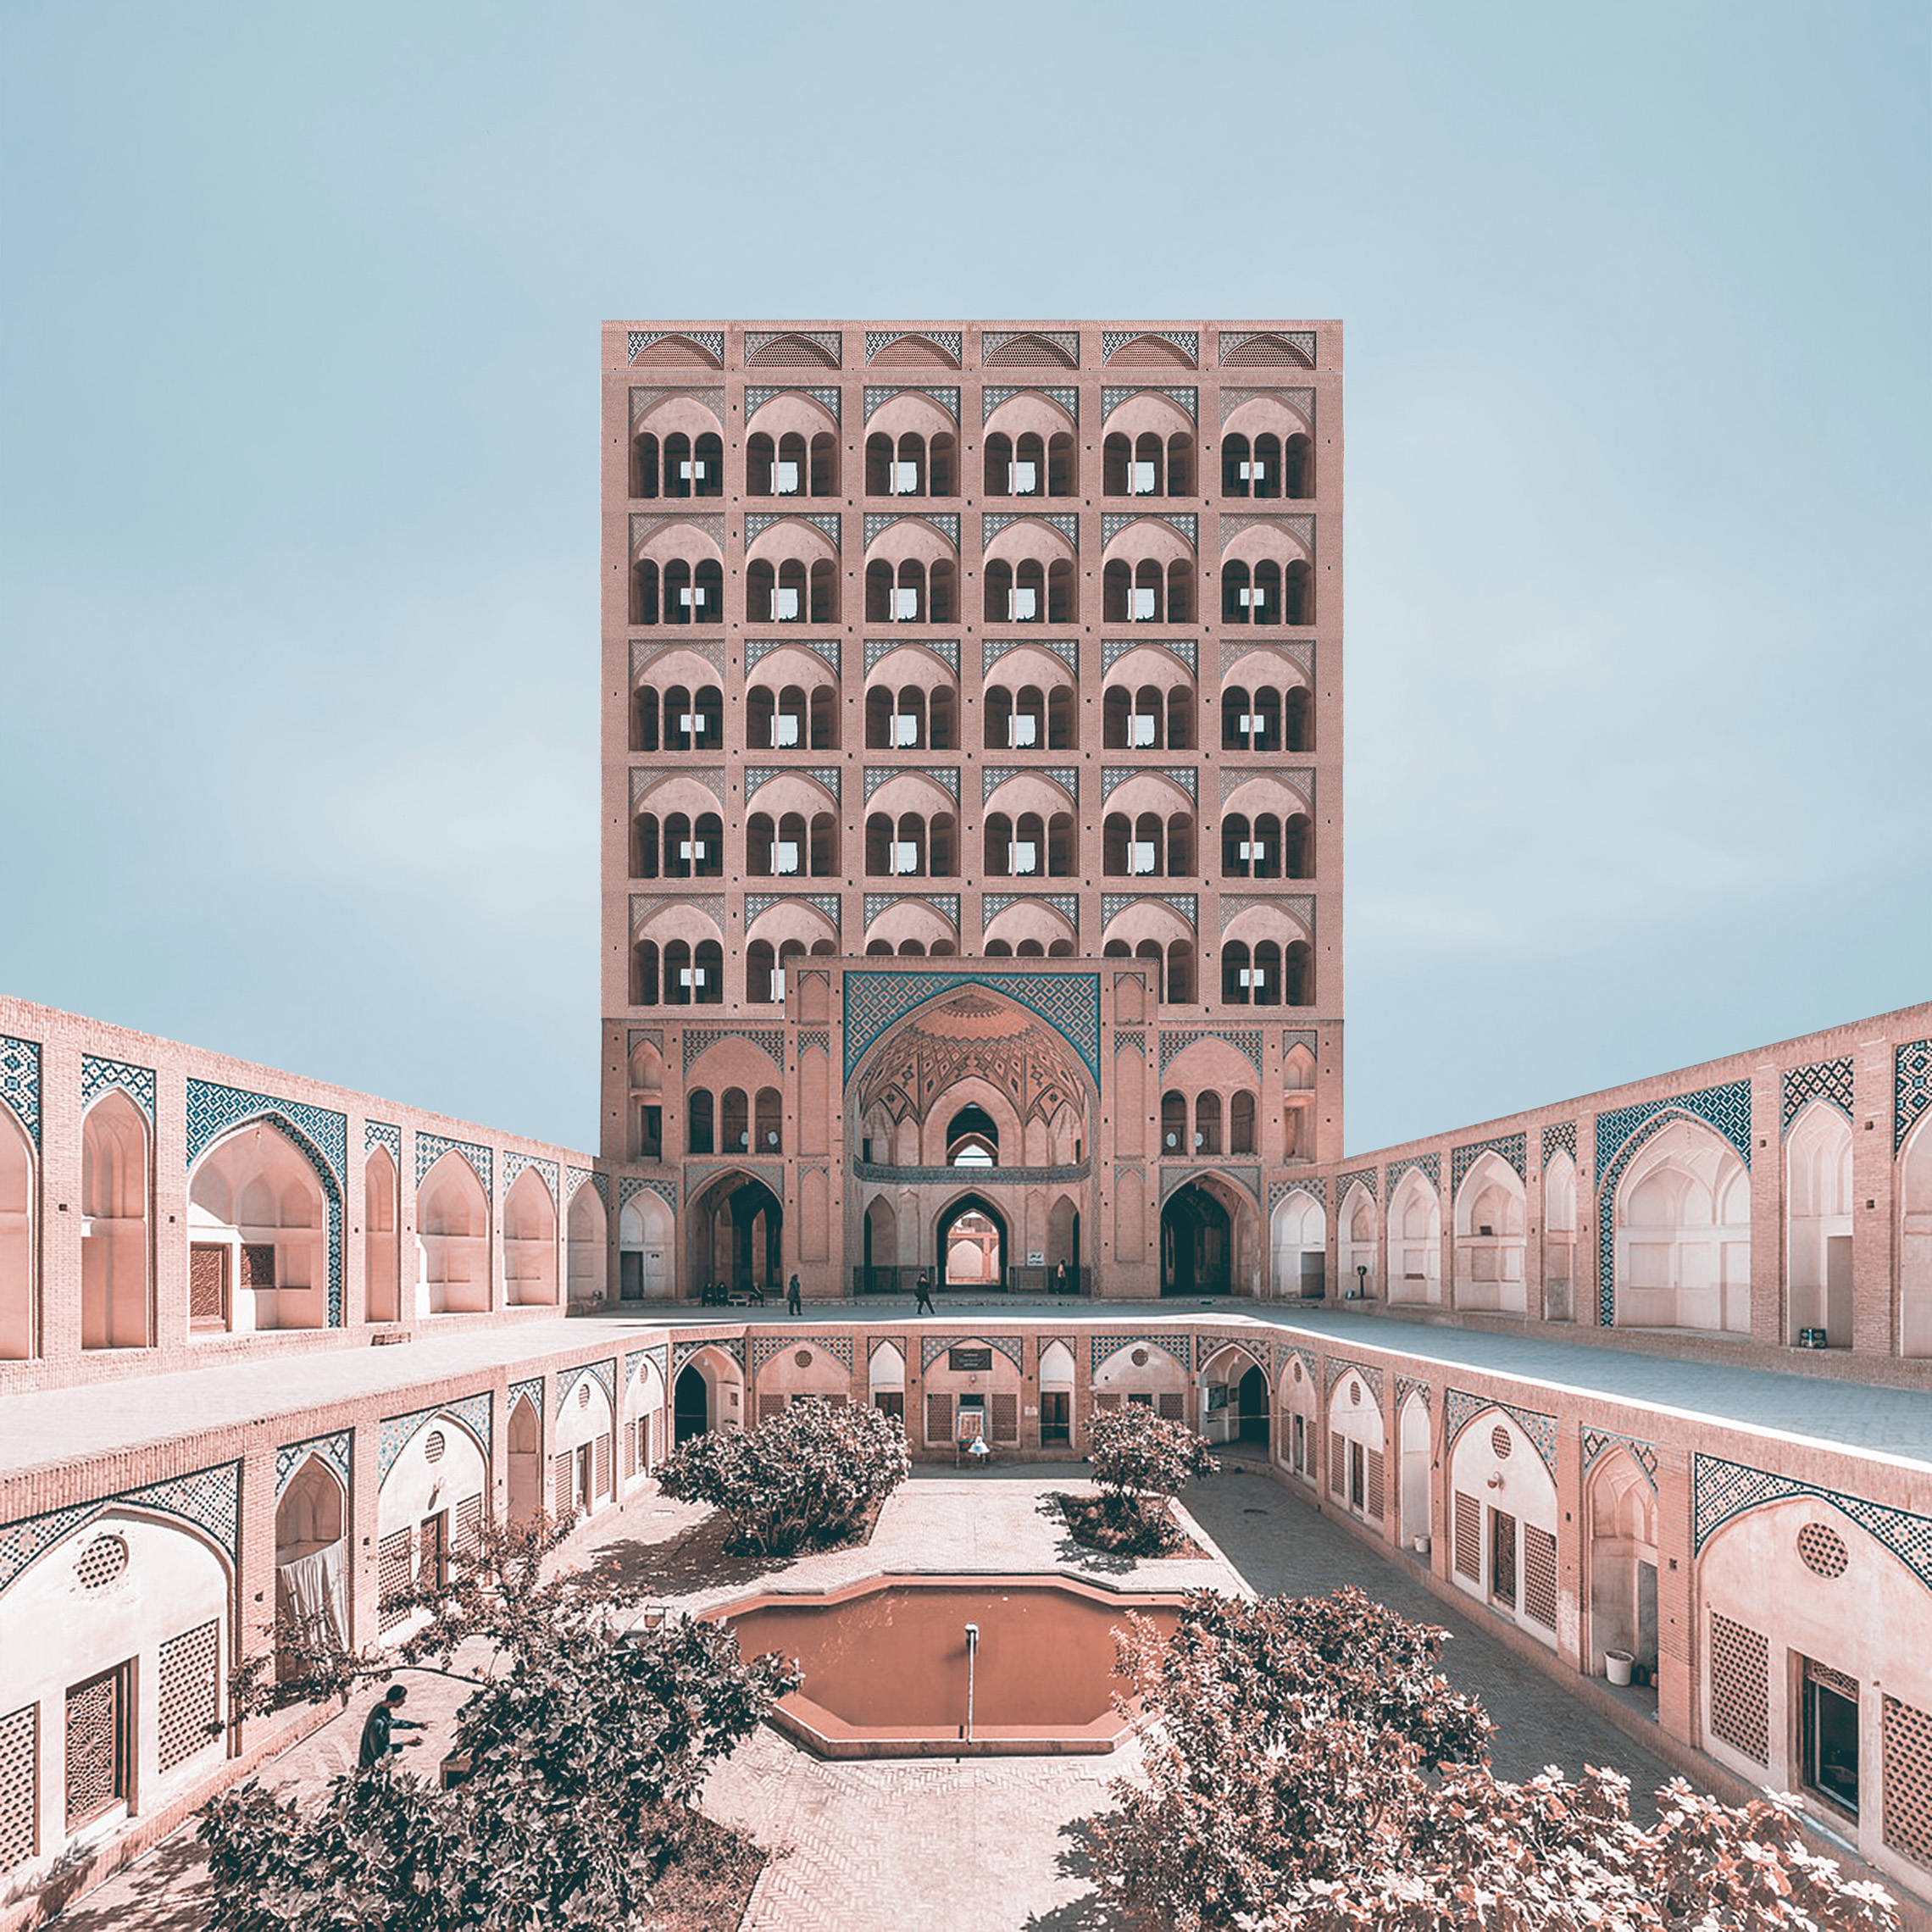 تجسم ساختمان های بلند مرتبه در معماری ایران